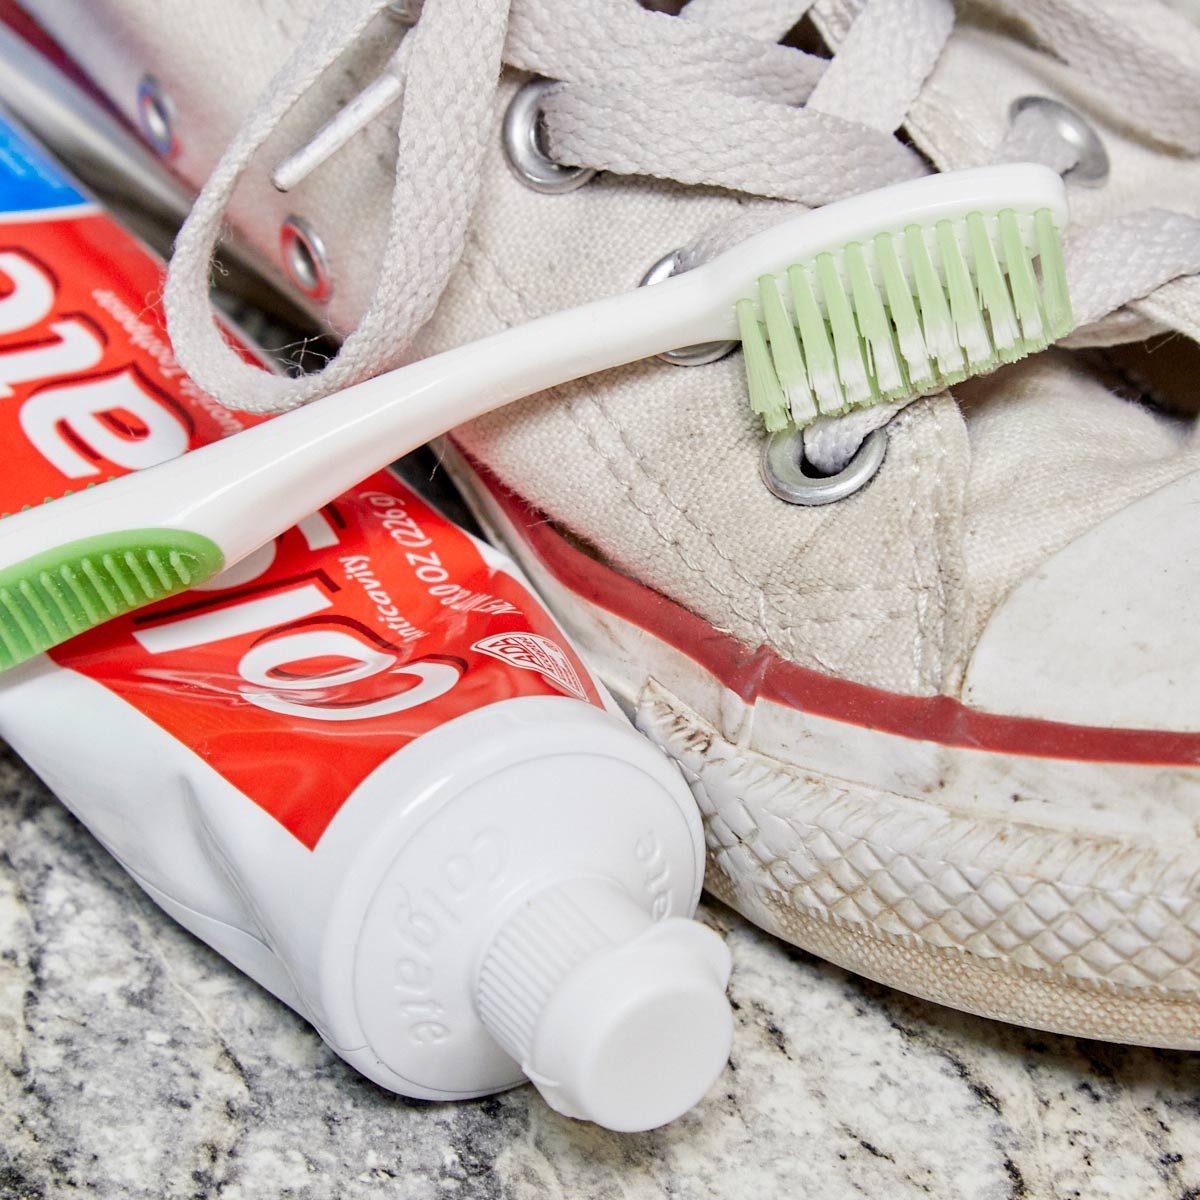 Schuhe reparieren und reinigen: die alten Lieblingsschuhe fit für den Sommer machen